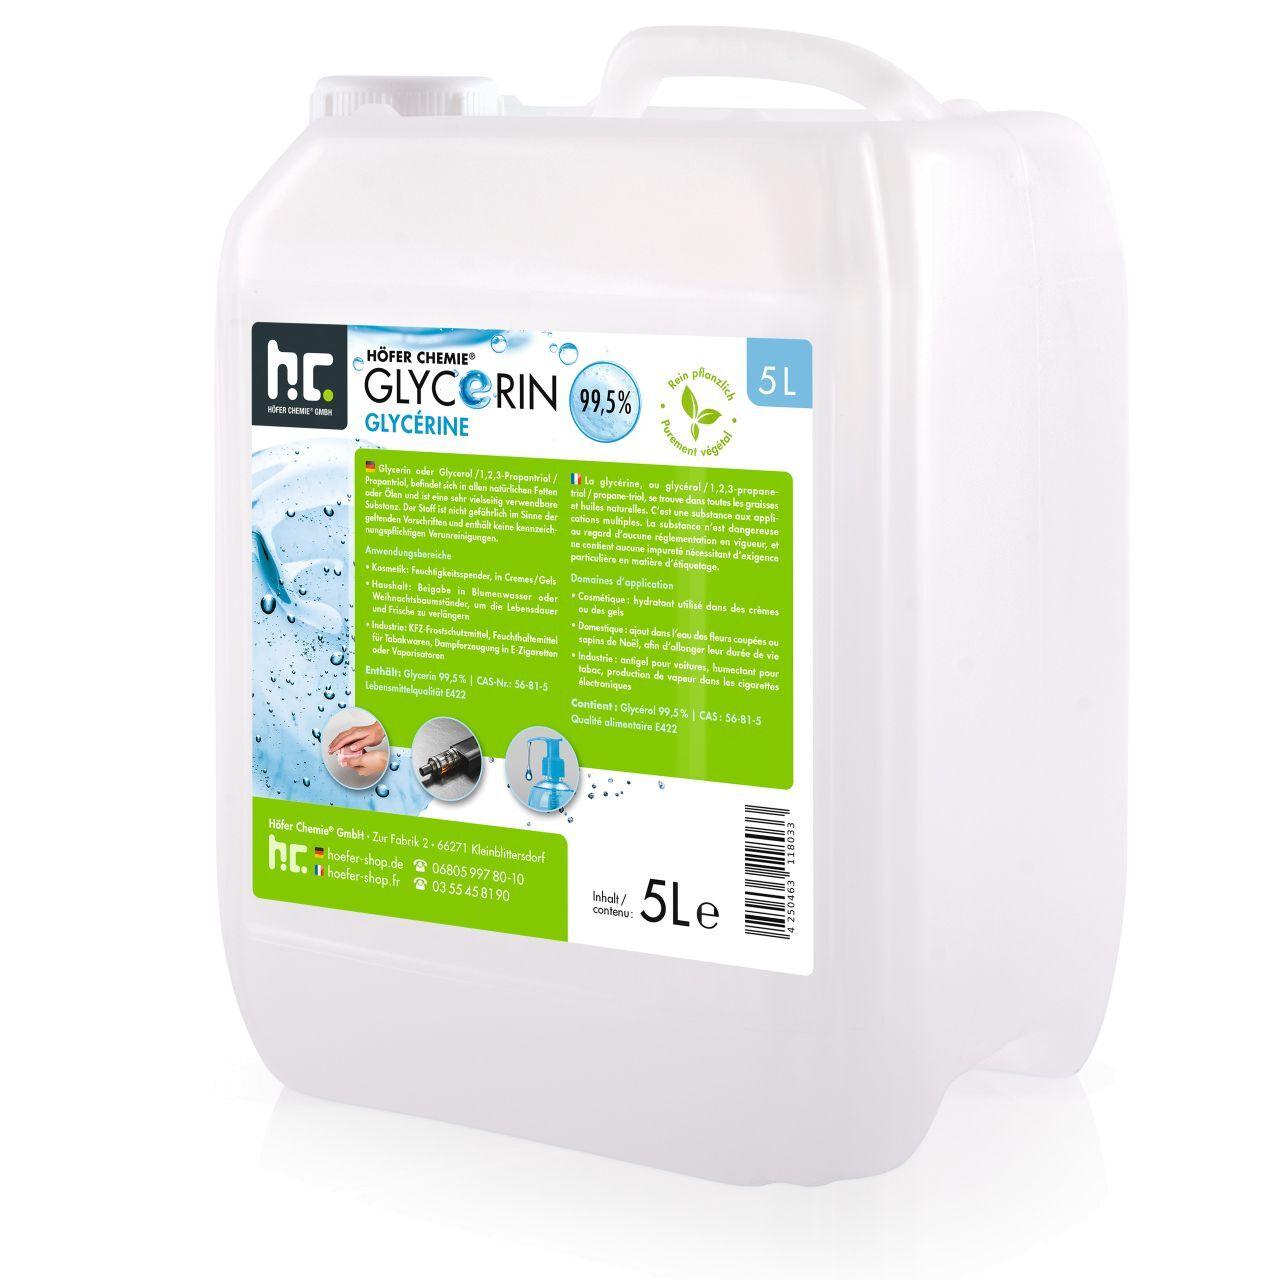 Höfer Chemie 20 l Glycérine végétale pure - qualité alimentaire (4 x 5 l)